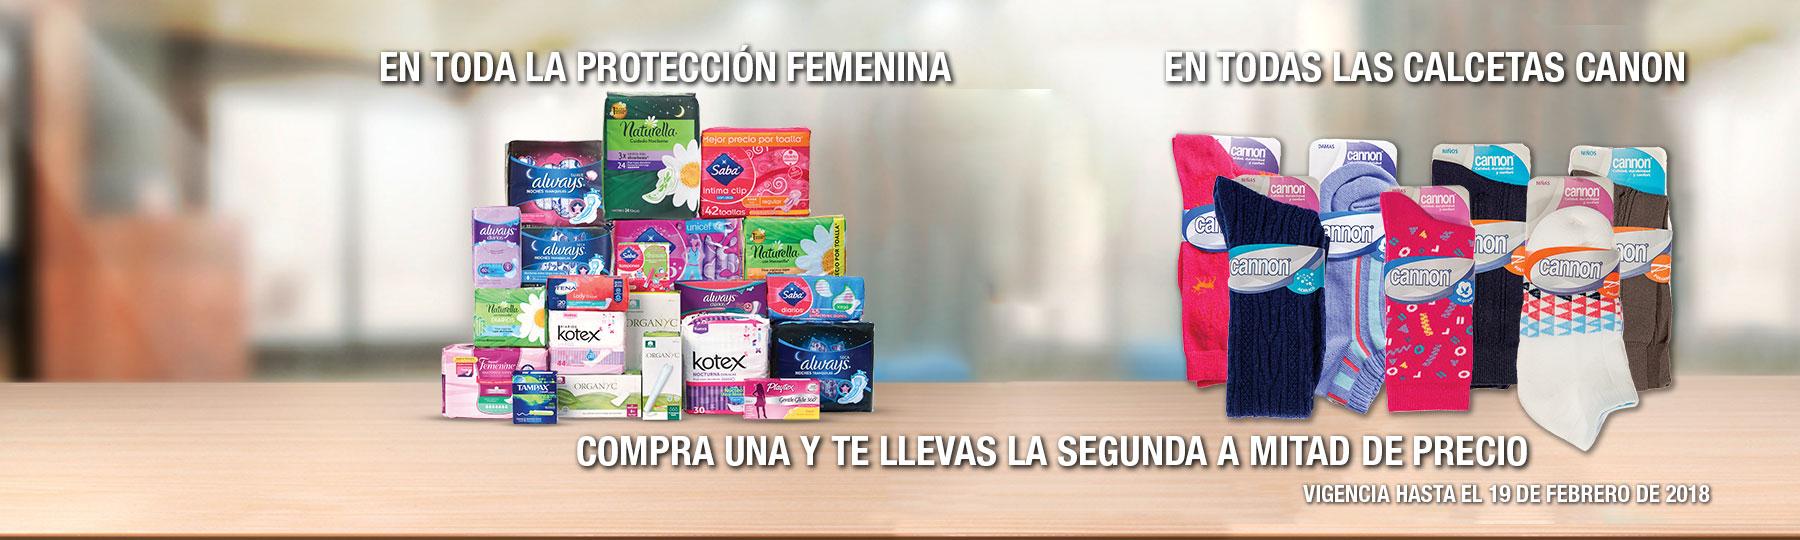 La Comer y Fresko: Ofertas de fin de semana (2x1 1/2 en jugos, granolas, protección femenina y calcetas Canon); -$20 por cada $100 en accesorios para videojuegos